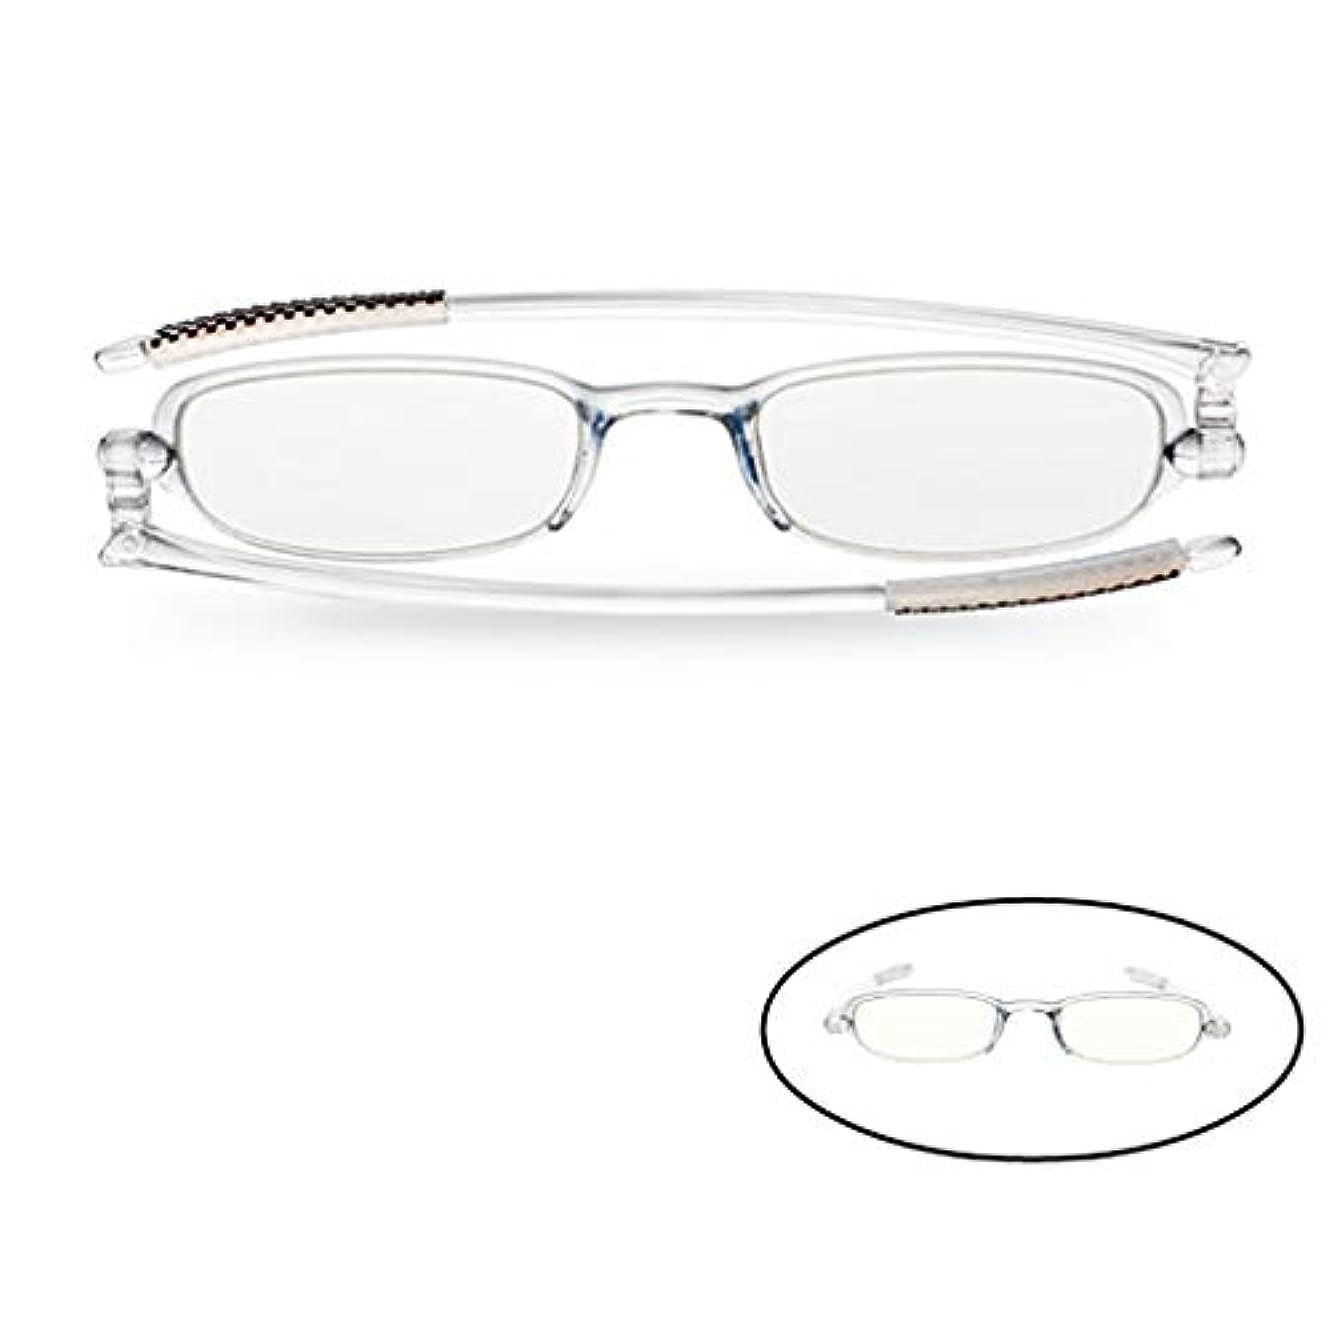 知人前置詞罰コンピュータカードリーダーの老眼鏡X1、男性と女性のアンチブルー放射線、春の蝶番ポータブル折りたたみ式軽量読書用メガネ(360°回転)